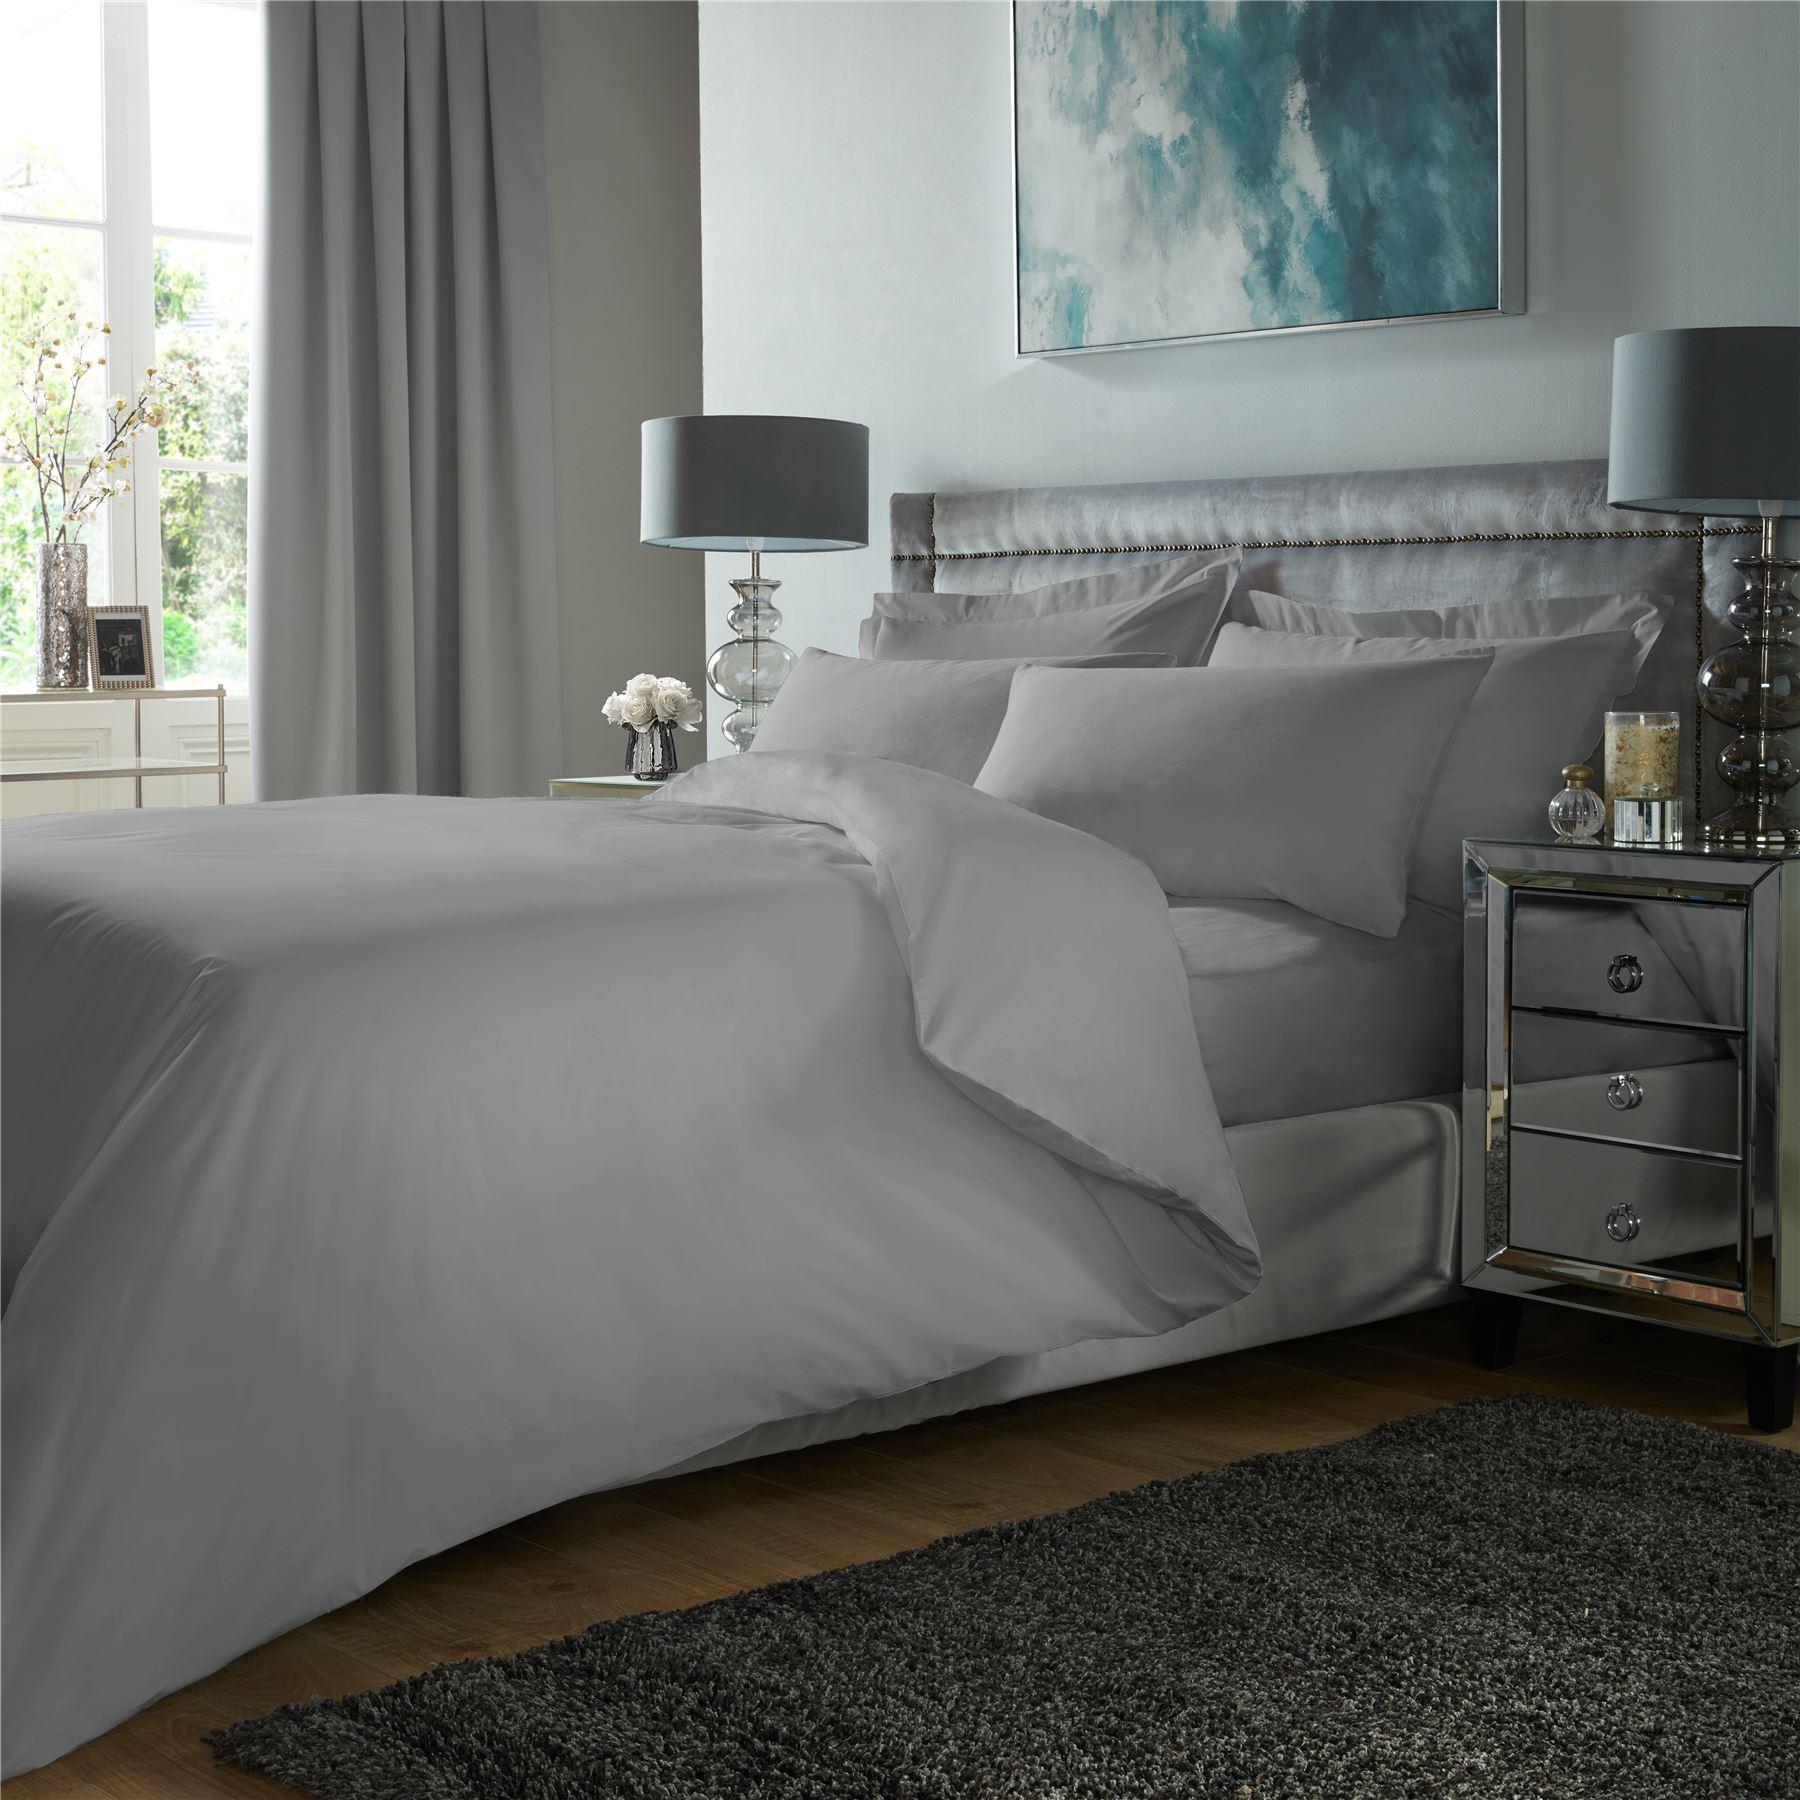 De-Lujo-400TC-conjunto-de-funda-de-edredon-100-Algodon-Egipcio-ropa-de-cama-funda-de-almohada-tenida miniatura 13